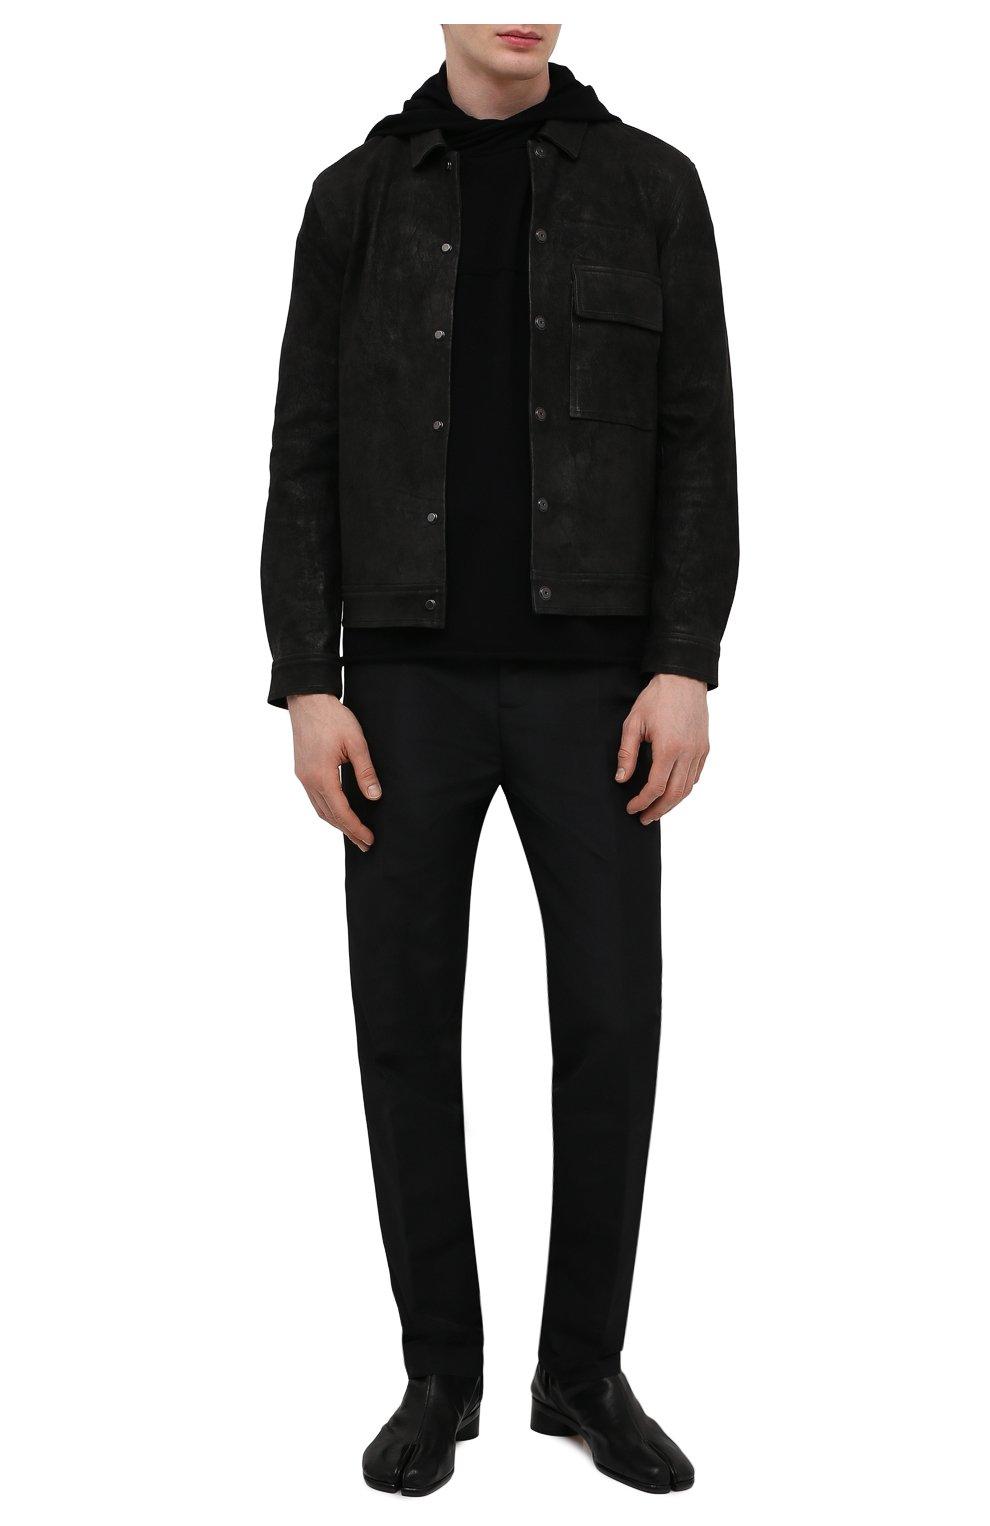 Мужская кожаная куртка GIORGIO BRATO черного цвета, арт. GU21S9808GMBH | Фото 2 (Кросс-КТ: Куртка; Рукава: Длинные; Стили: Гранж; Мужское Кросс-КТ: Кожа и замша; Длина (верхняя одежда): Короткие; Материал подклада: Хлопок)